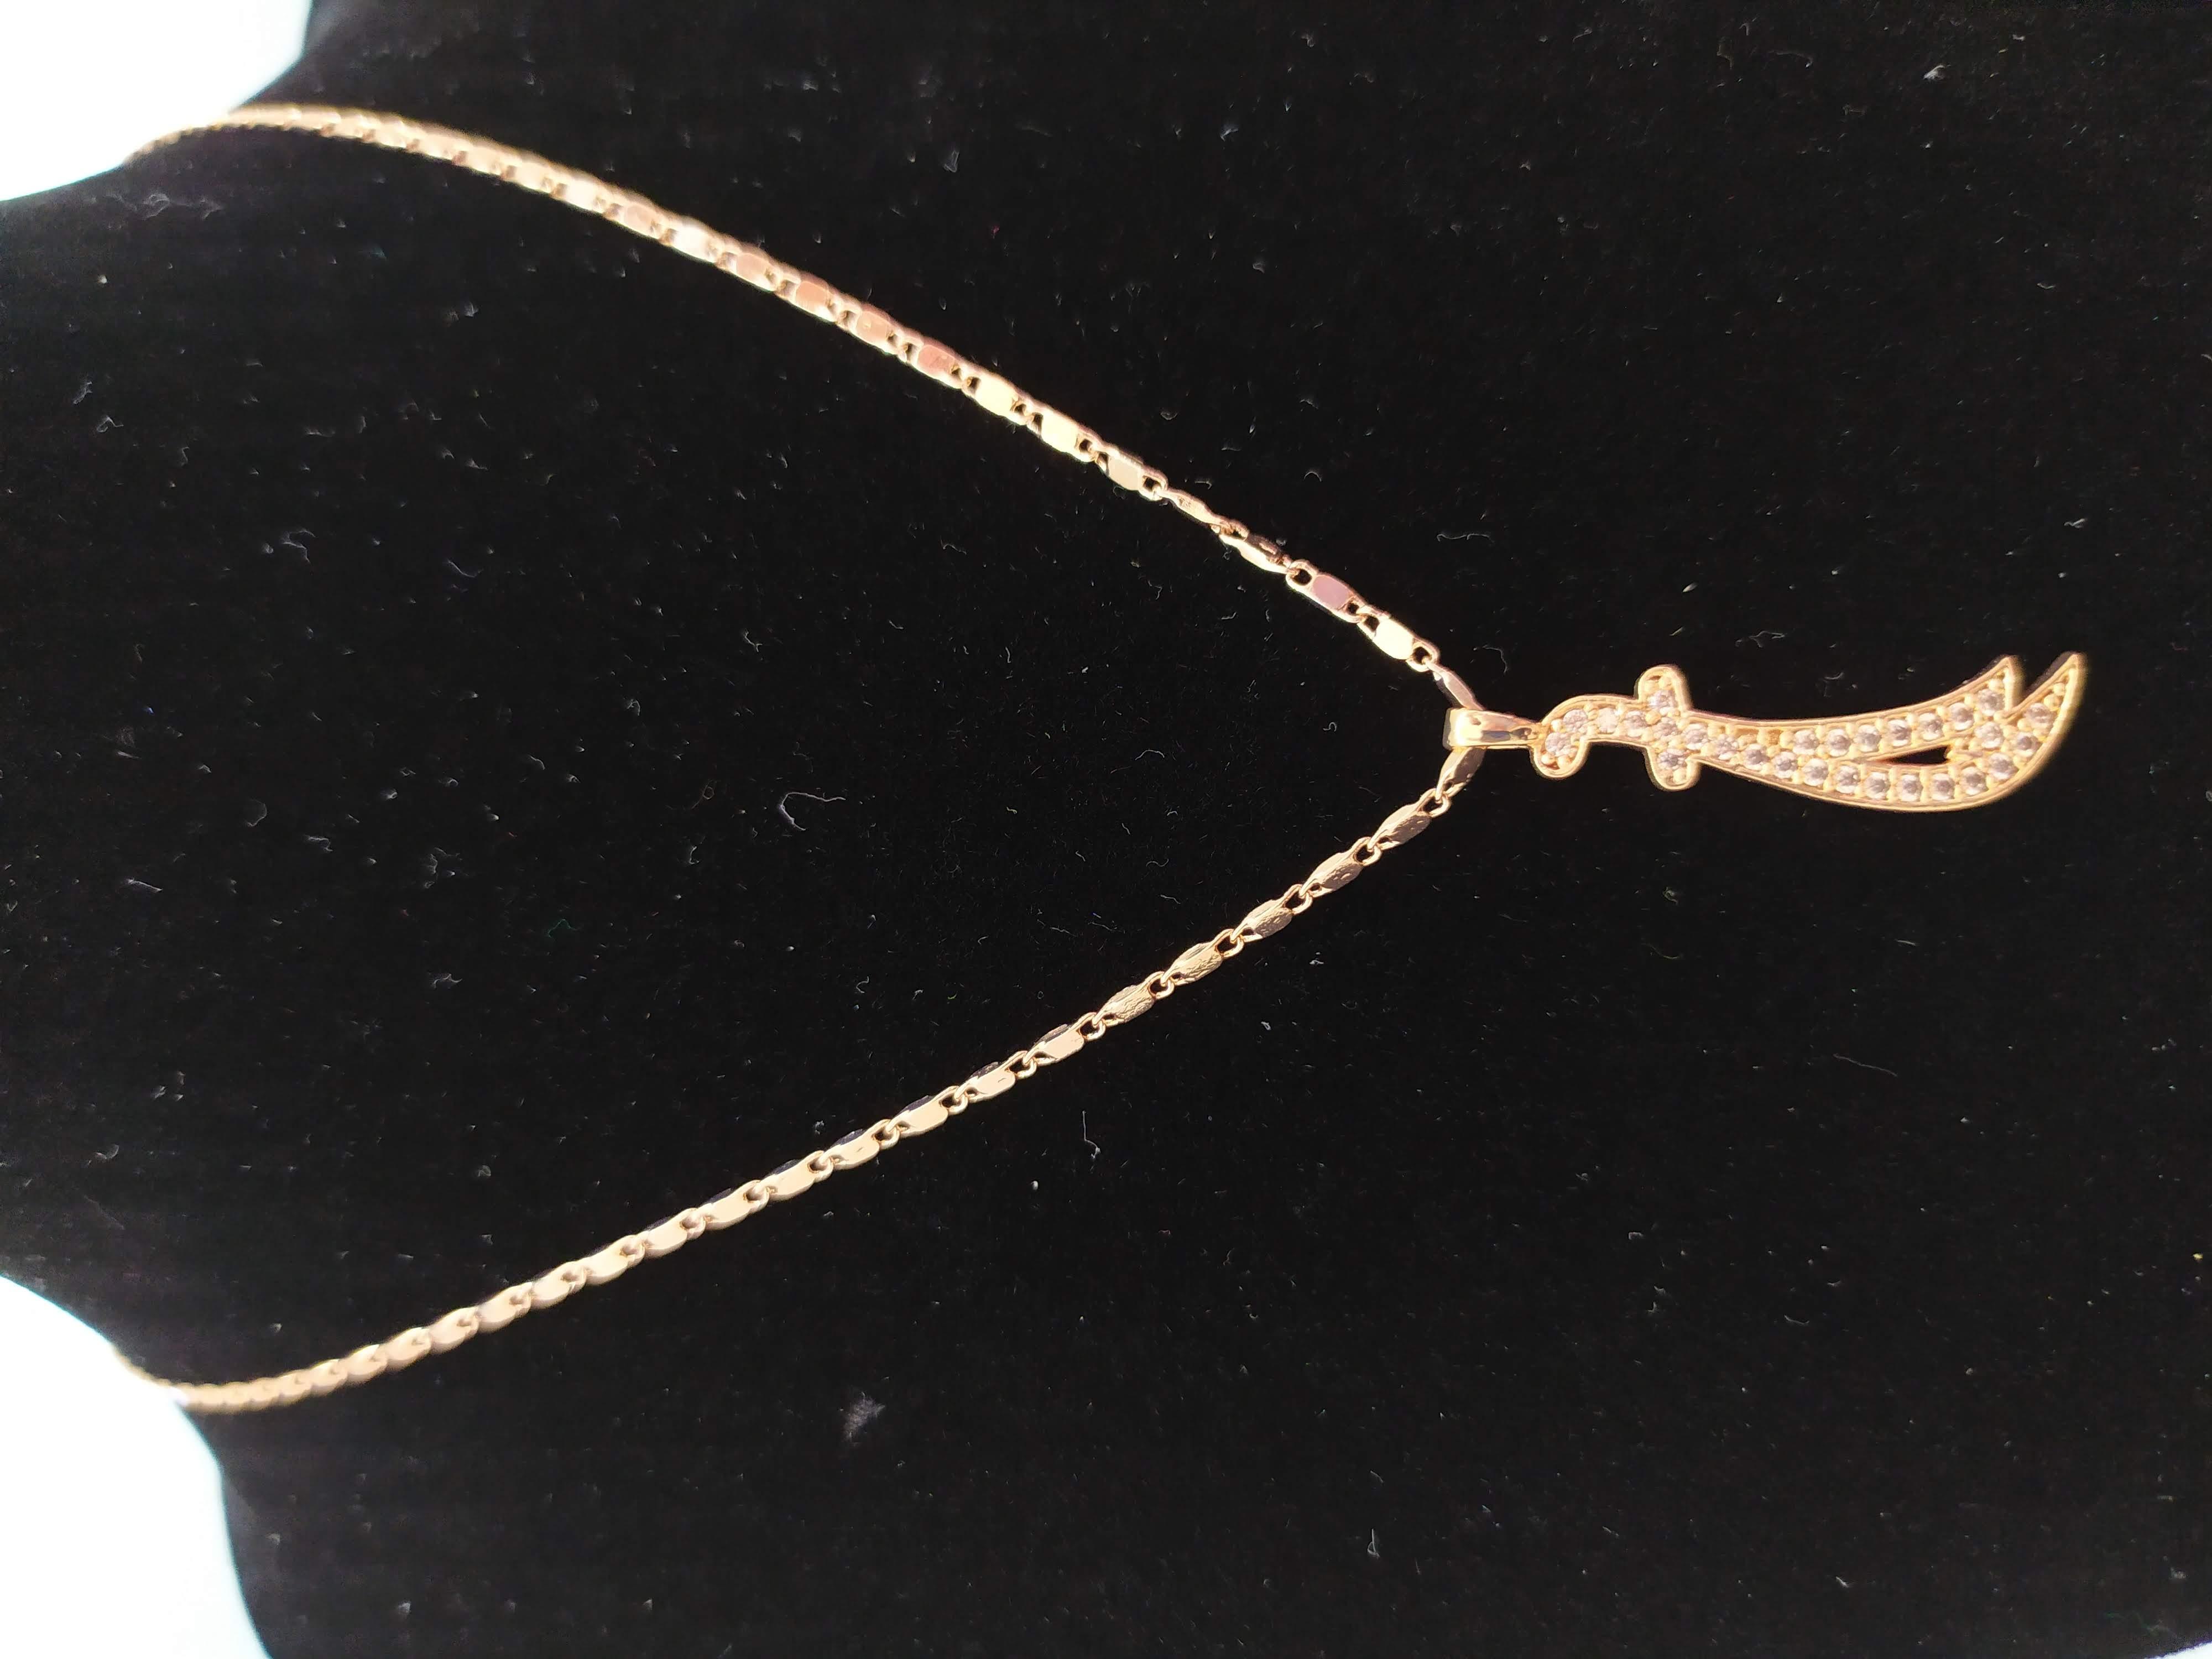 قلادة مطلية بالذهب مع الزركون الممتاز. لا يسبب الحساسية ، لا تغميق / Gold plated necklace with premium zircon. does not cause allergies, does not darken_25